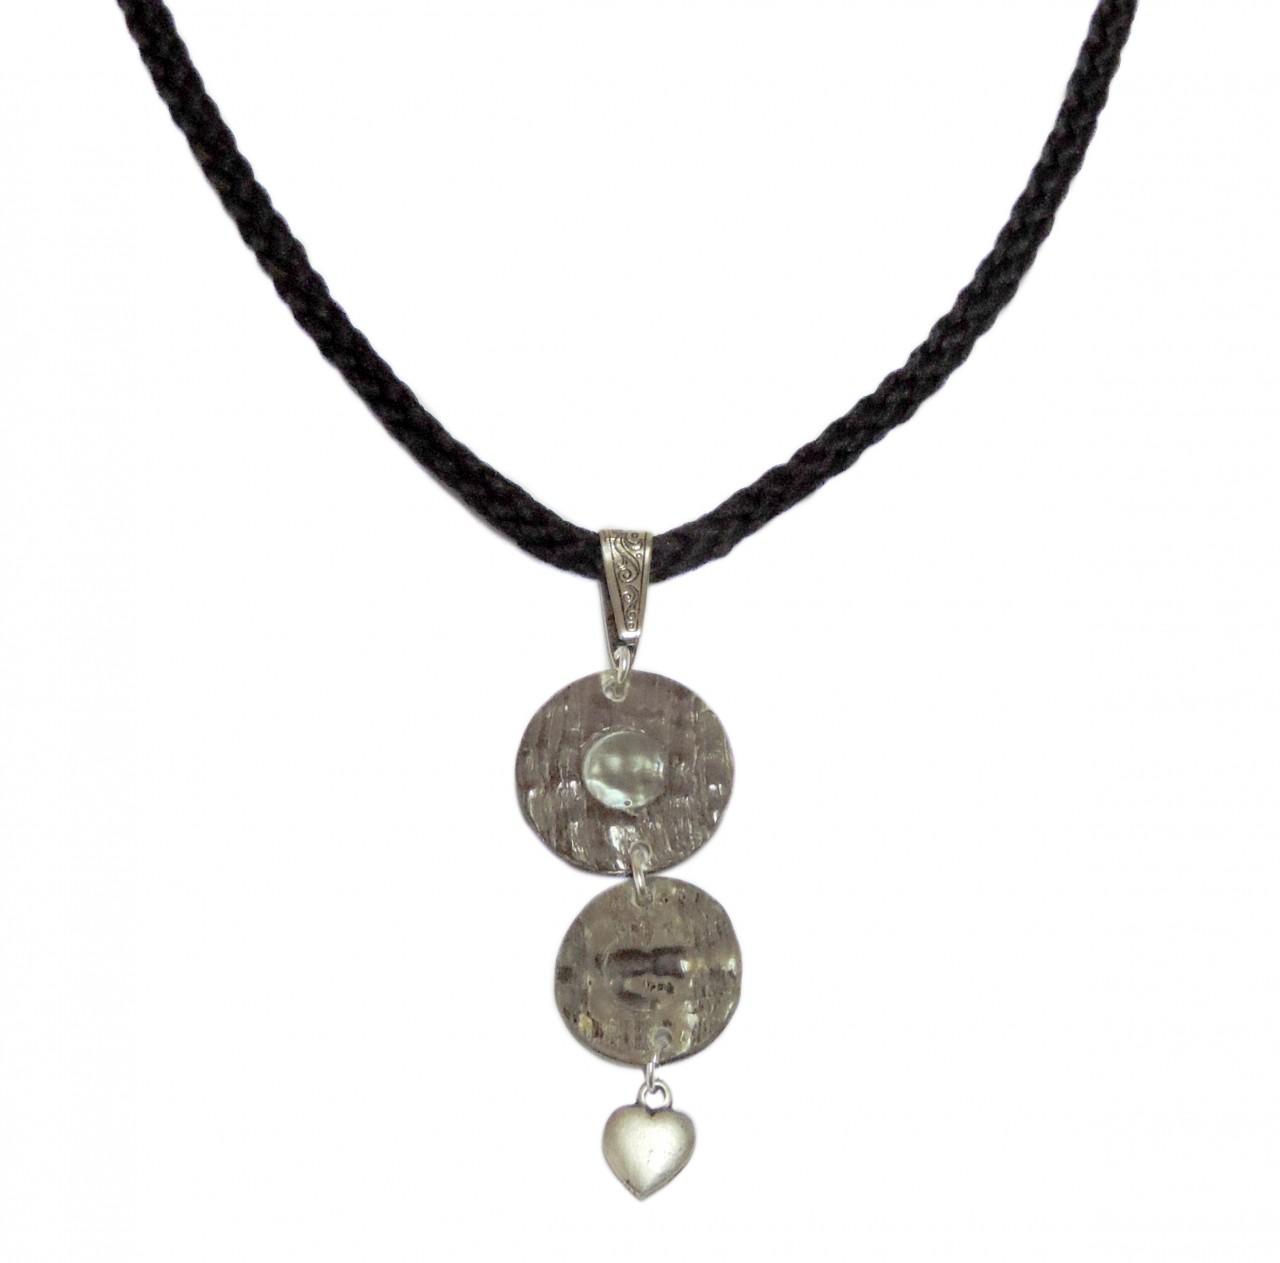 Halskette mit Perlmutt Anhängern